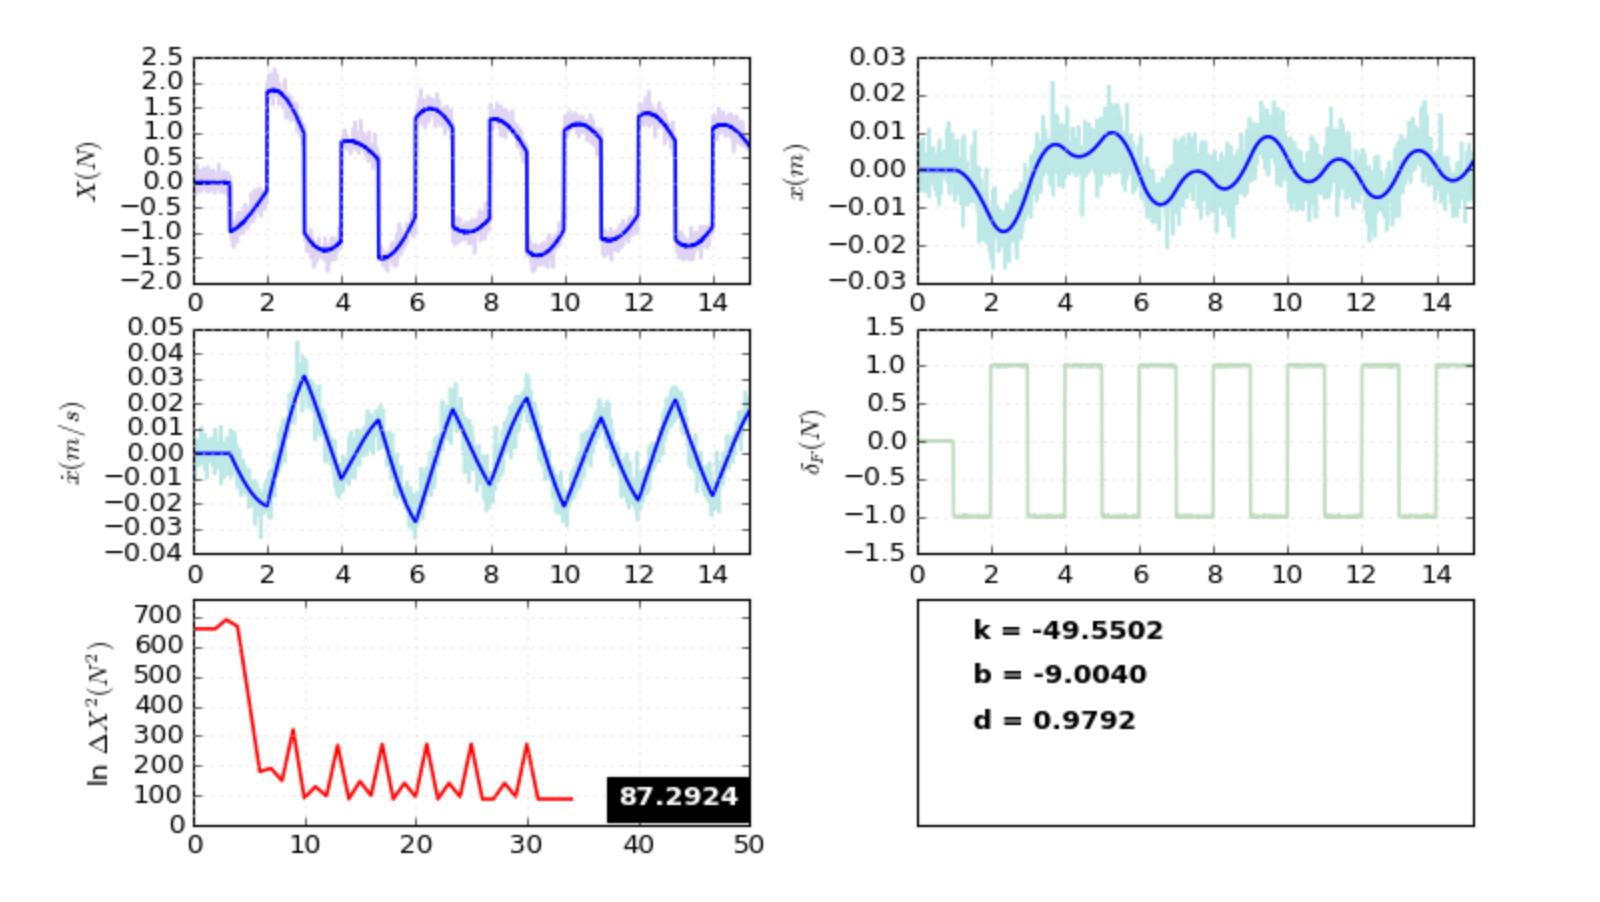 Mass-Spring-Damper Estimation Output Plot